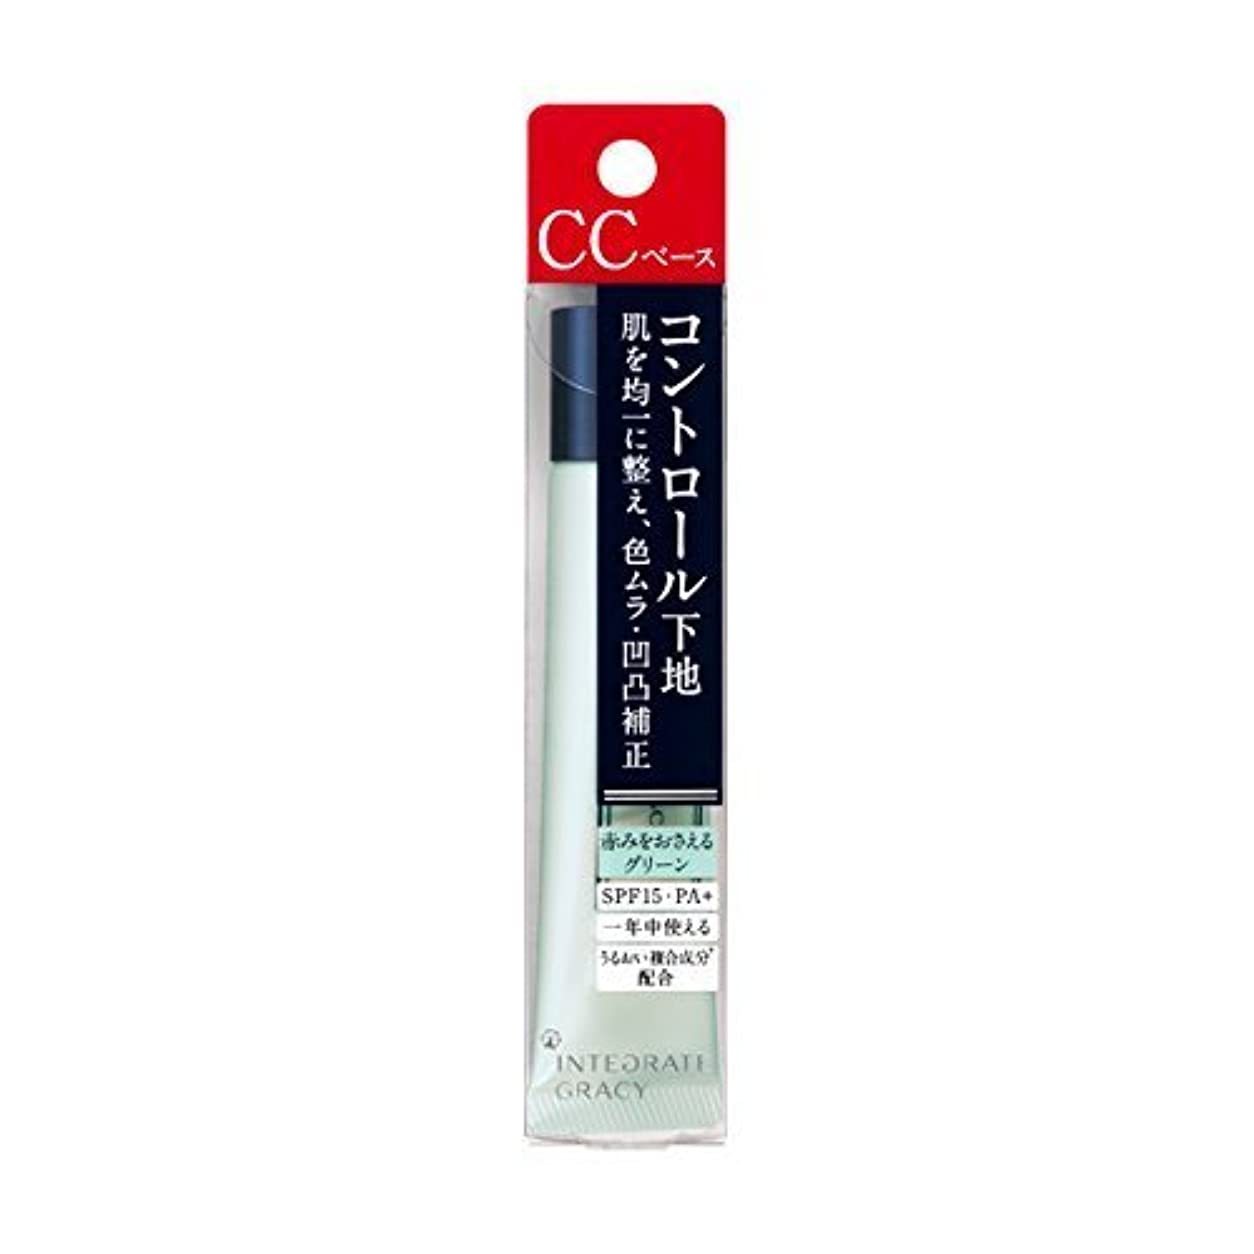 羽ケント日焼けインテグレート グレイシィ コントロールベース (グリーン) 25g×3個